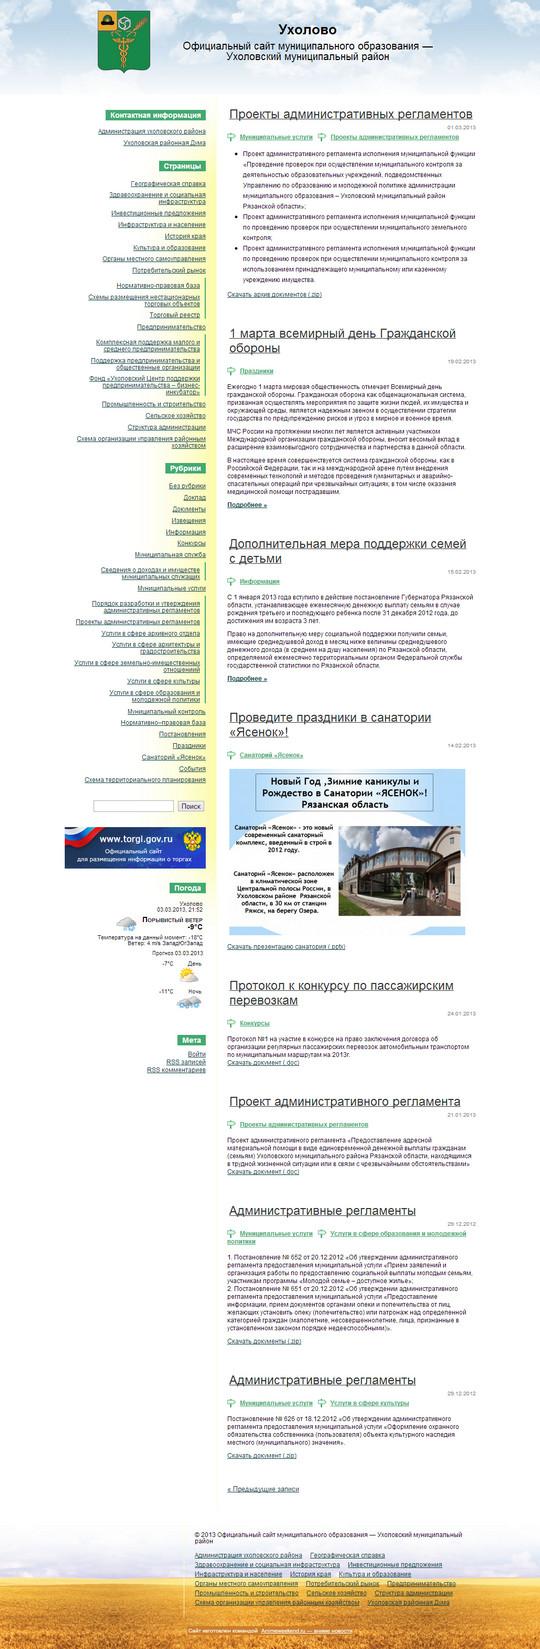 www.ukholovo.ru